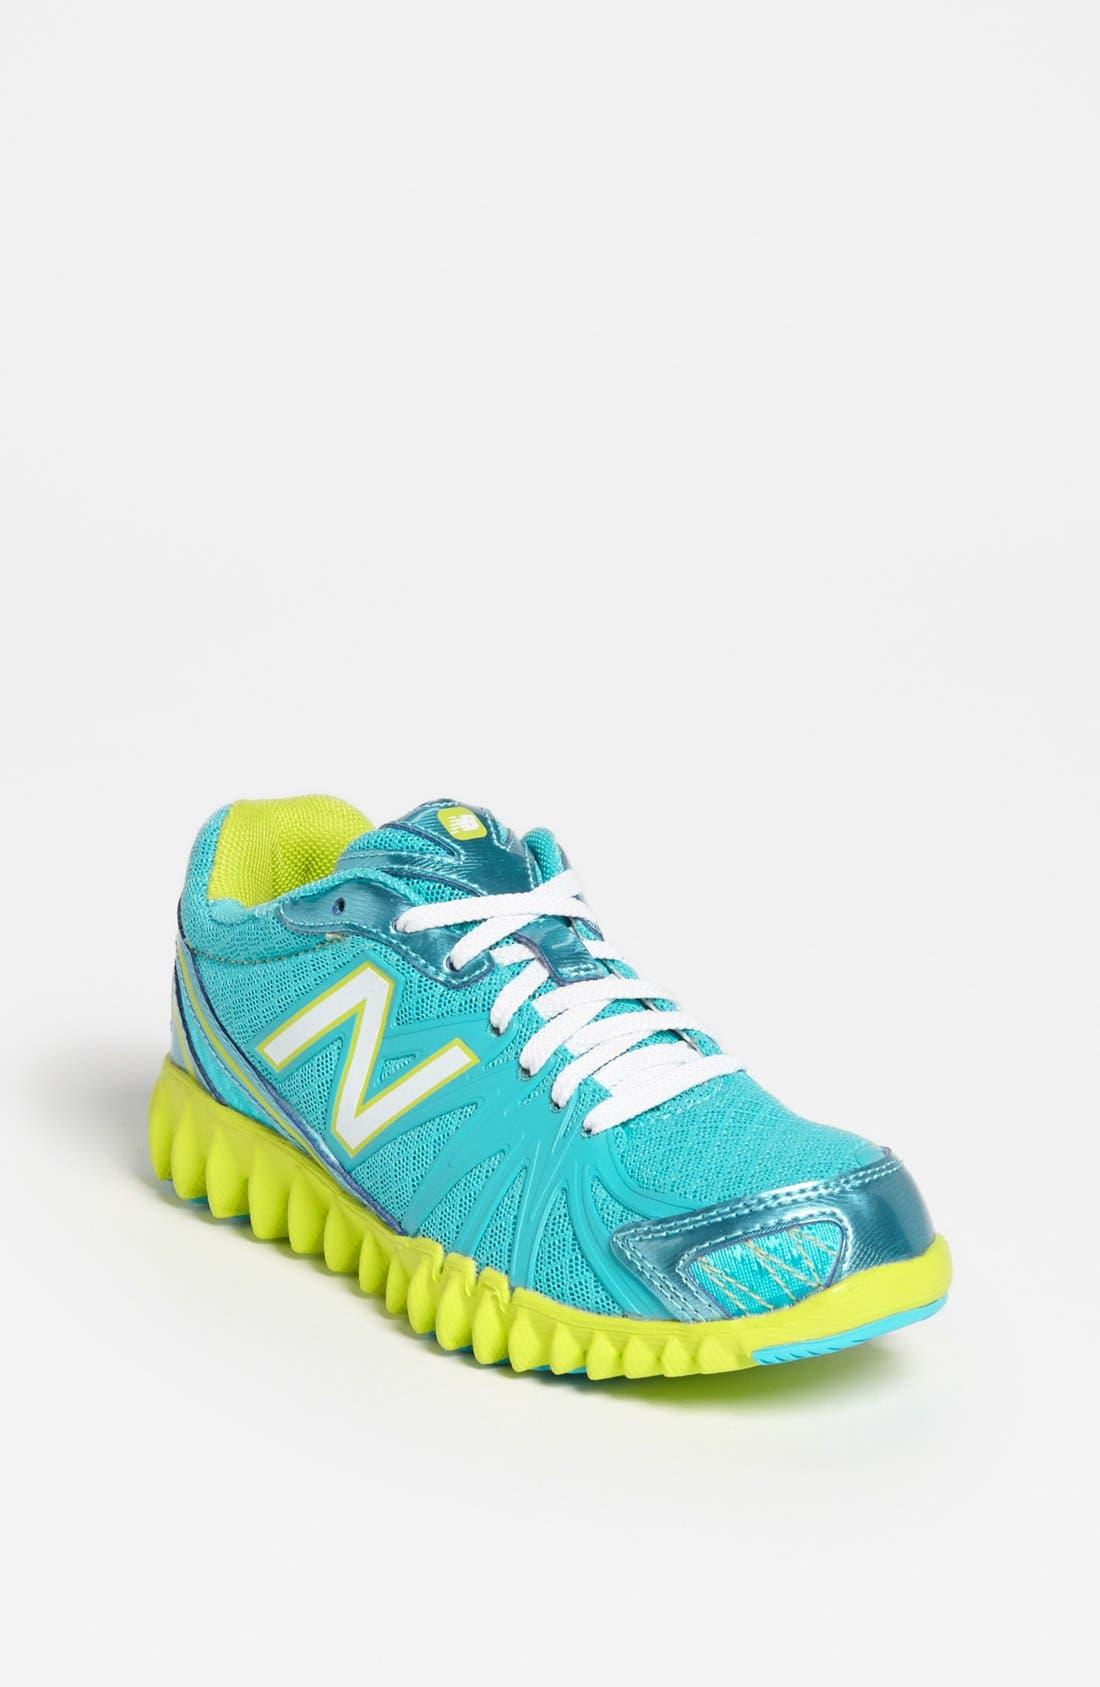 Main Image - New Balance 'Takedown 2750' Running Shoe (Toddler, Little Kid & Big Kid)